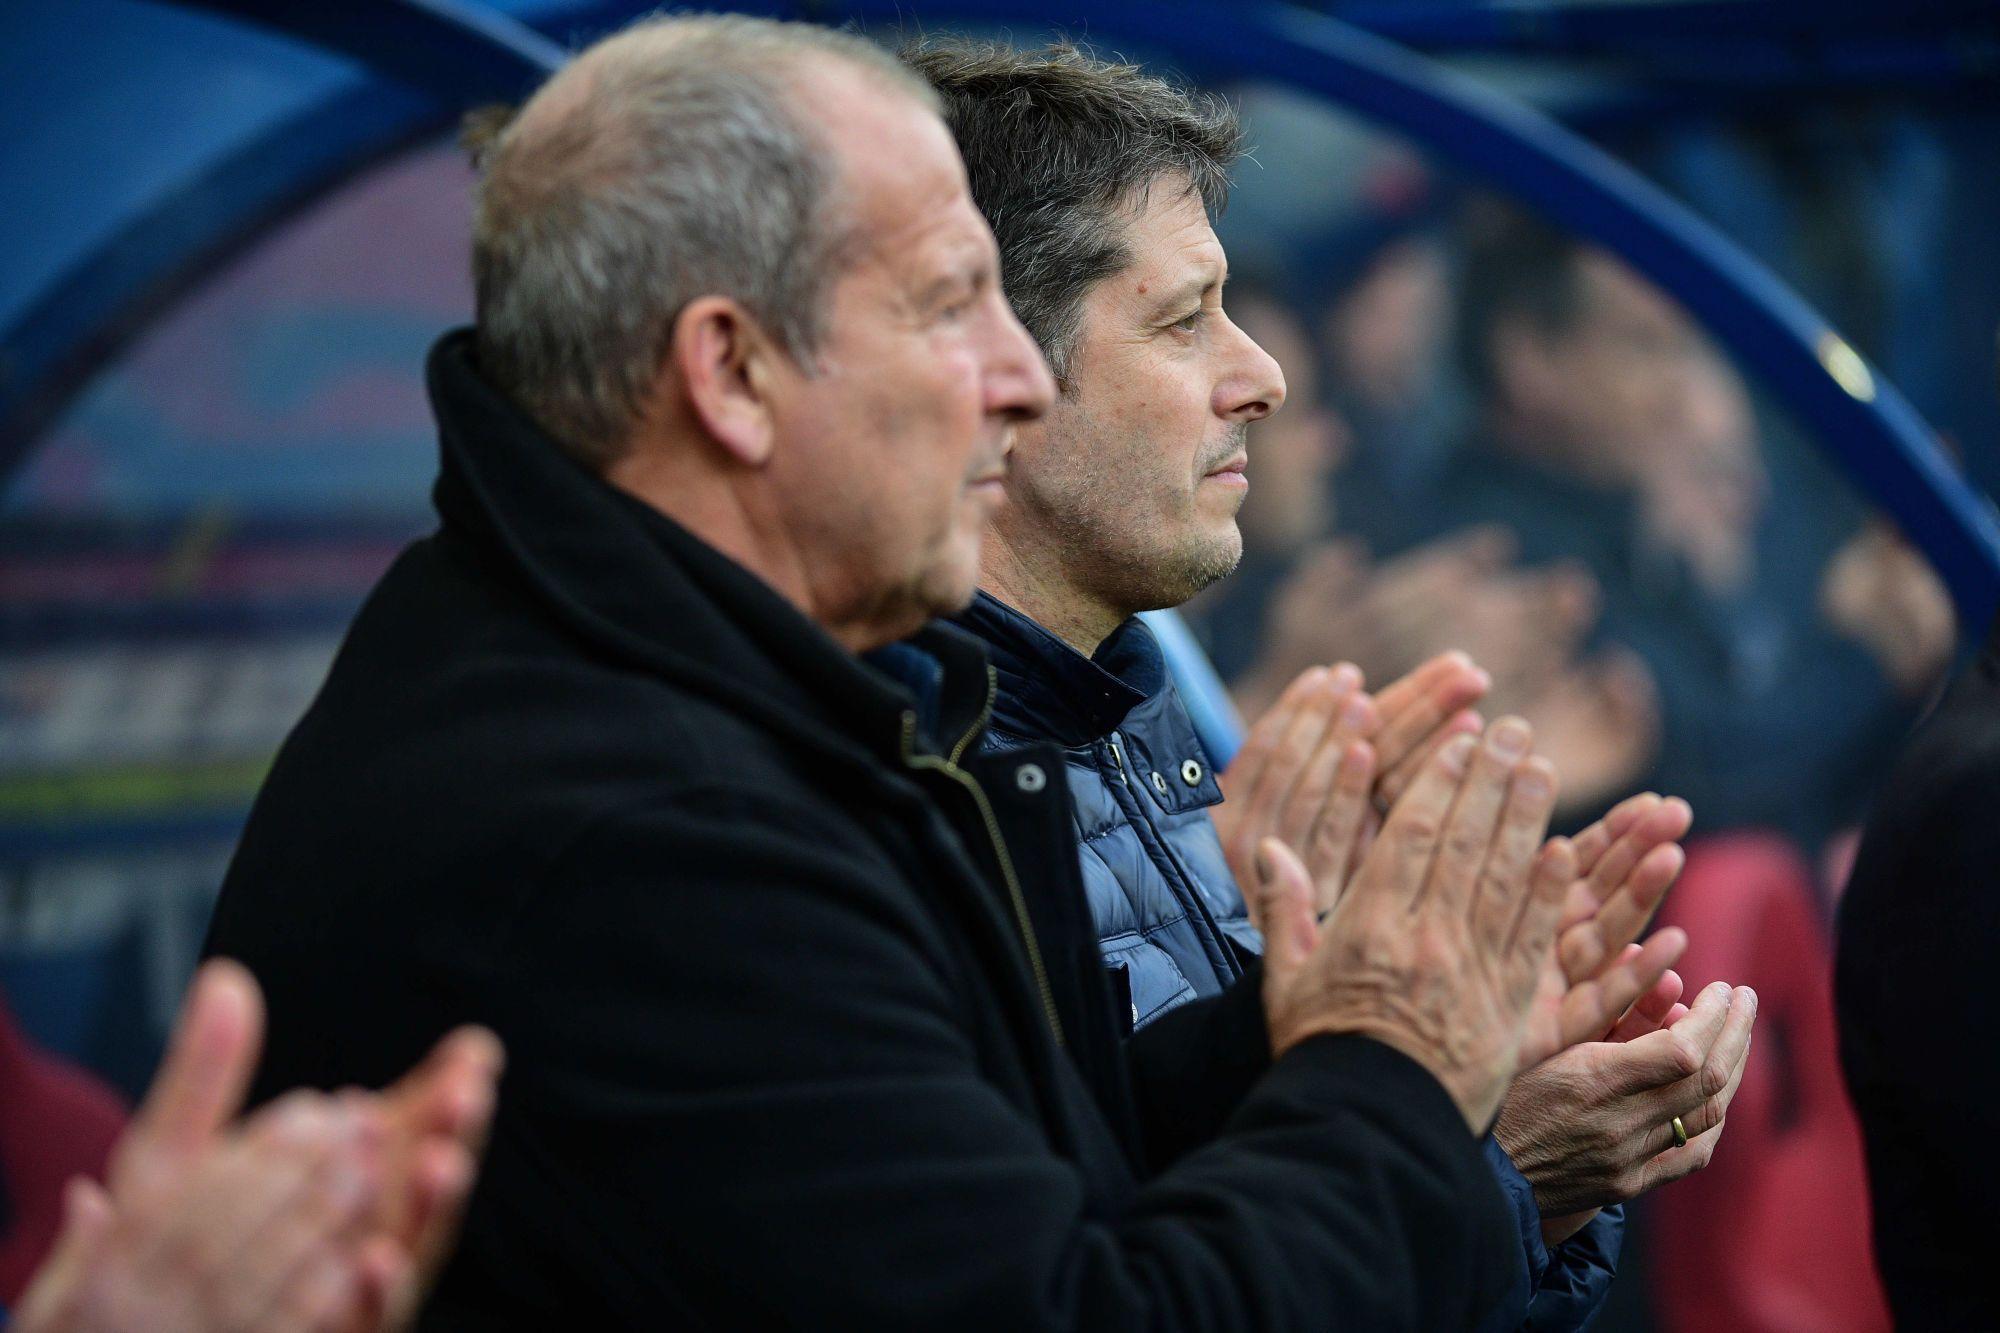 Ancien co-entraîneur du SM Caen, Rolland Courbis retrouve un banc de touche